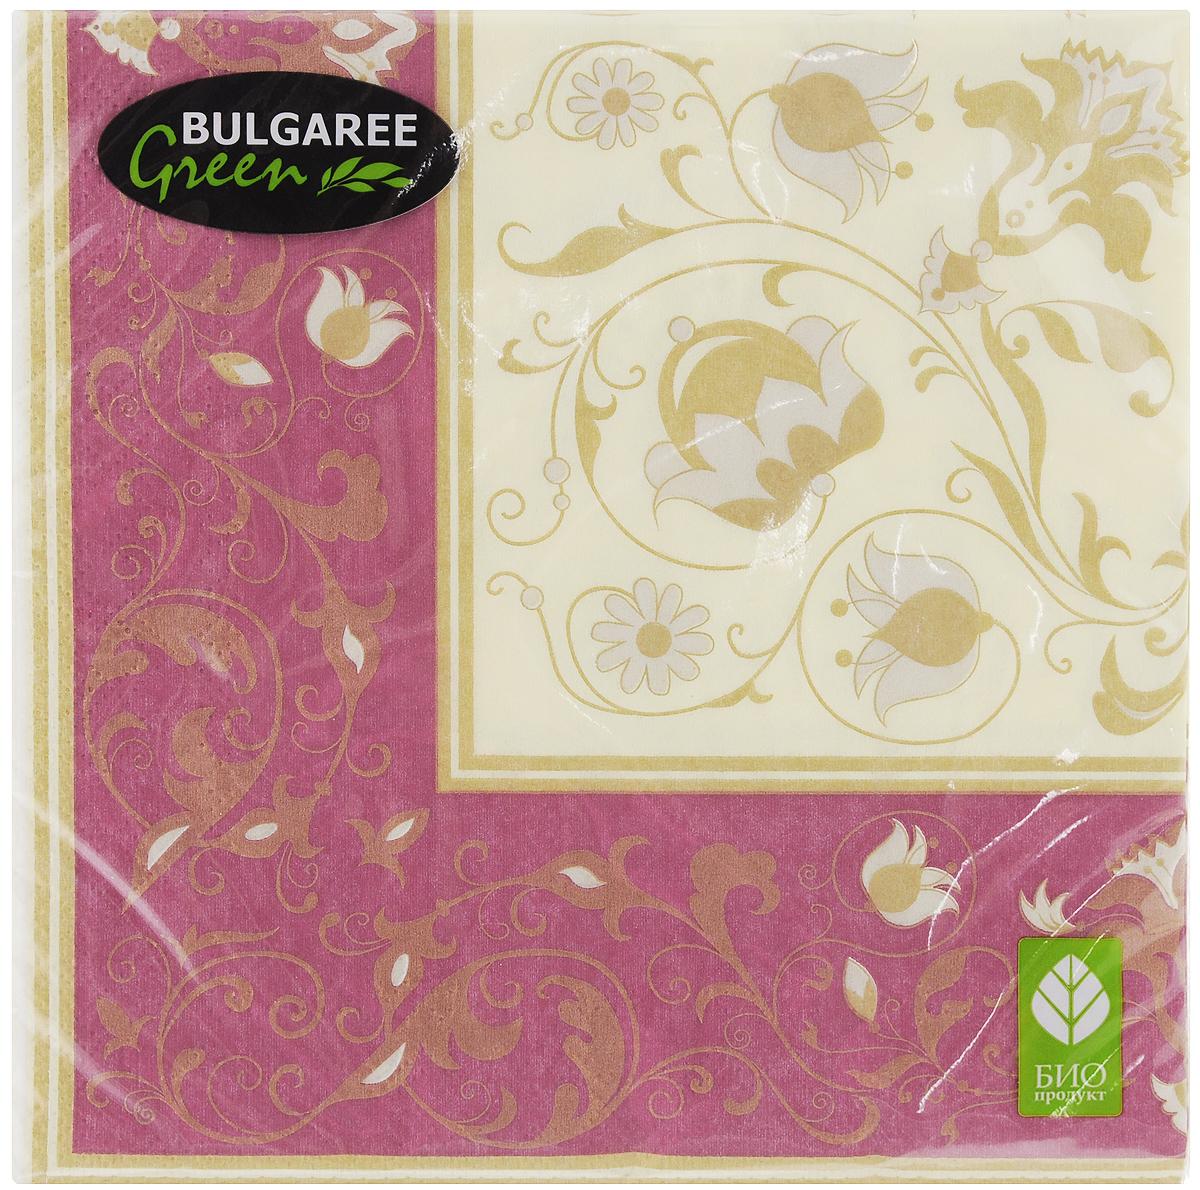 Салфетки бумажные Bulgaree Green Белиссимо, трехслойные, 33 х 33 см, 20 шт салфетки бумажные bulgaree green совы трехслойные 33 х 33 см 20 шт